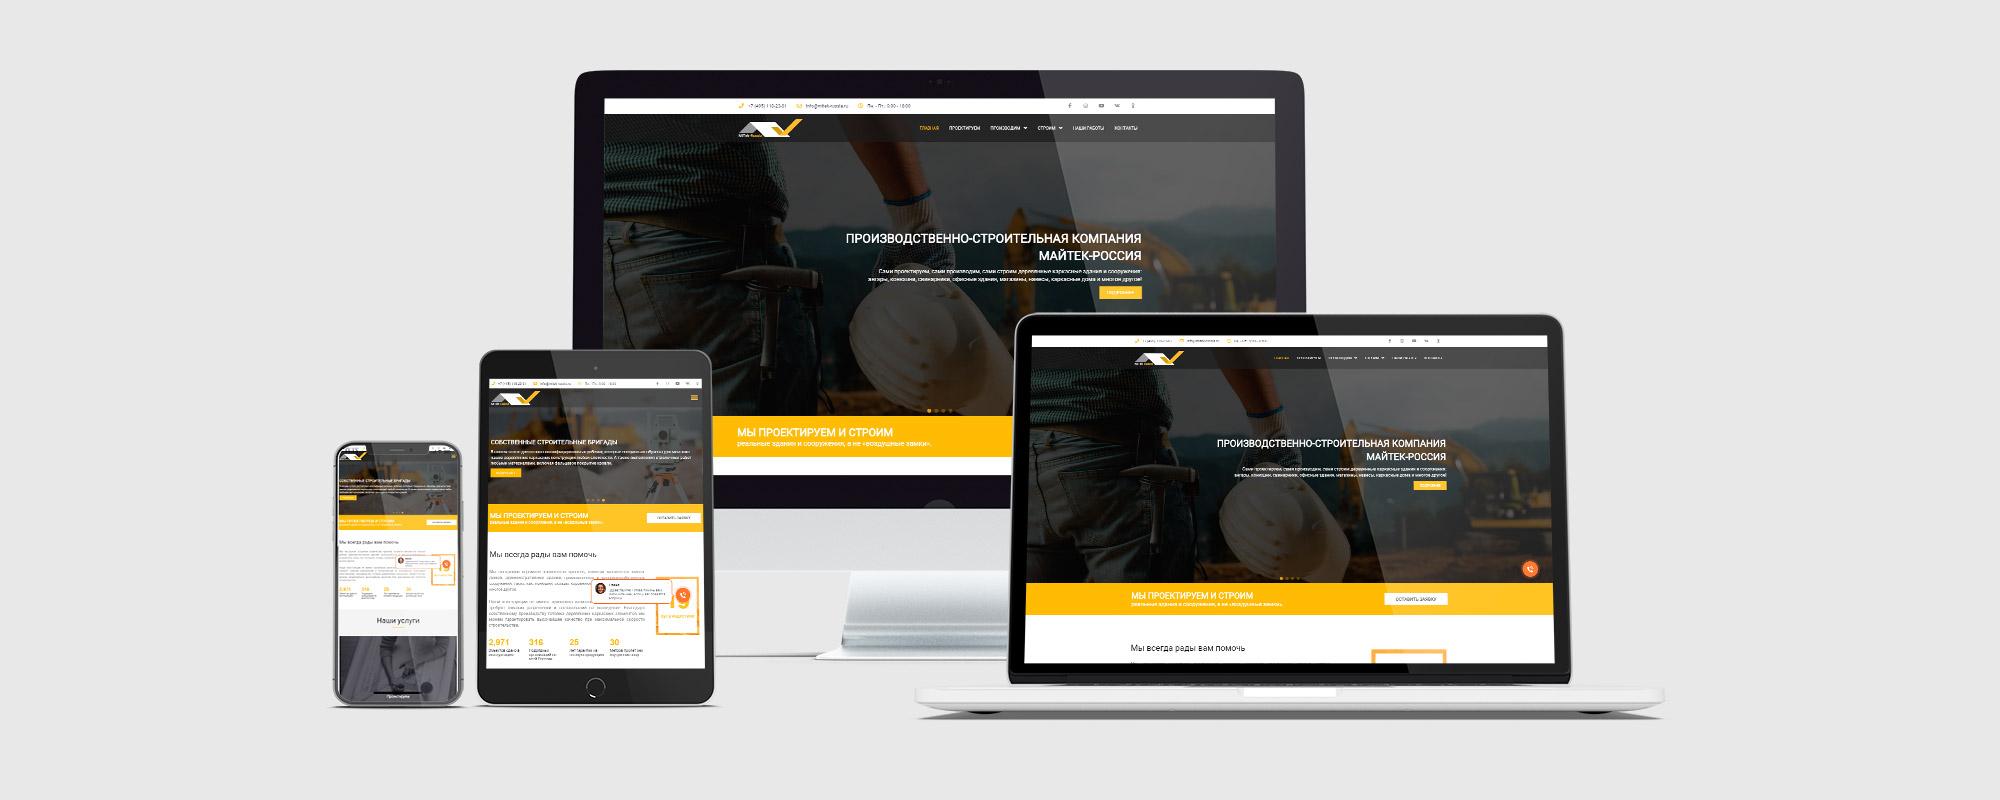 Webseitentwicklung für ein Produktions- und Bauunternehmen in Moskau